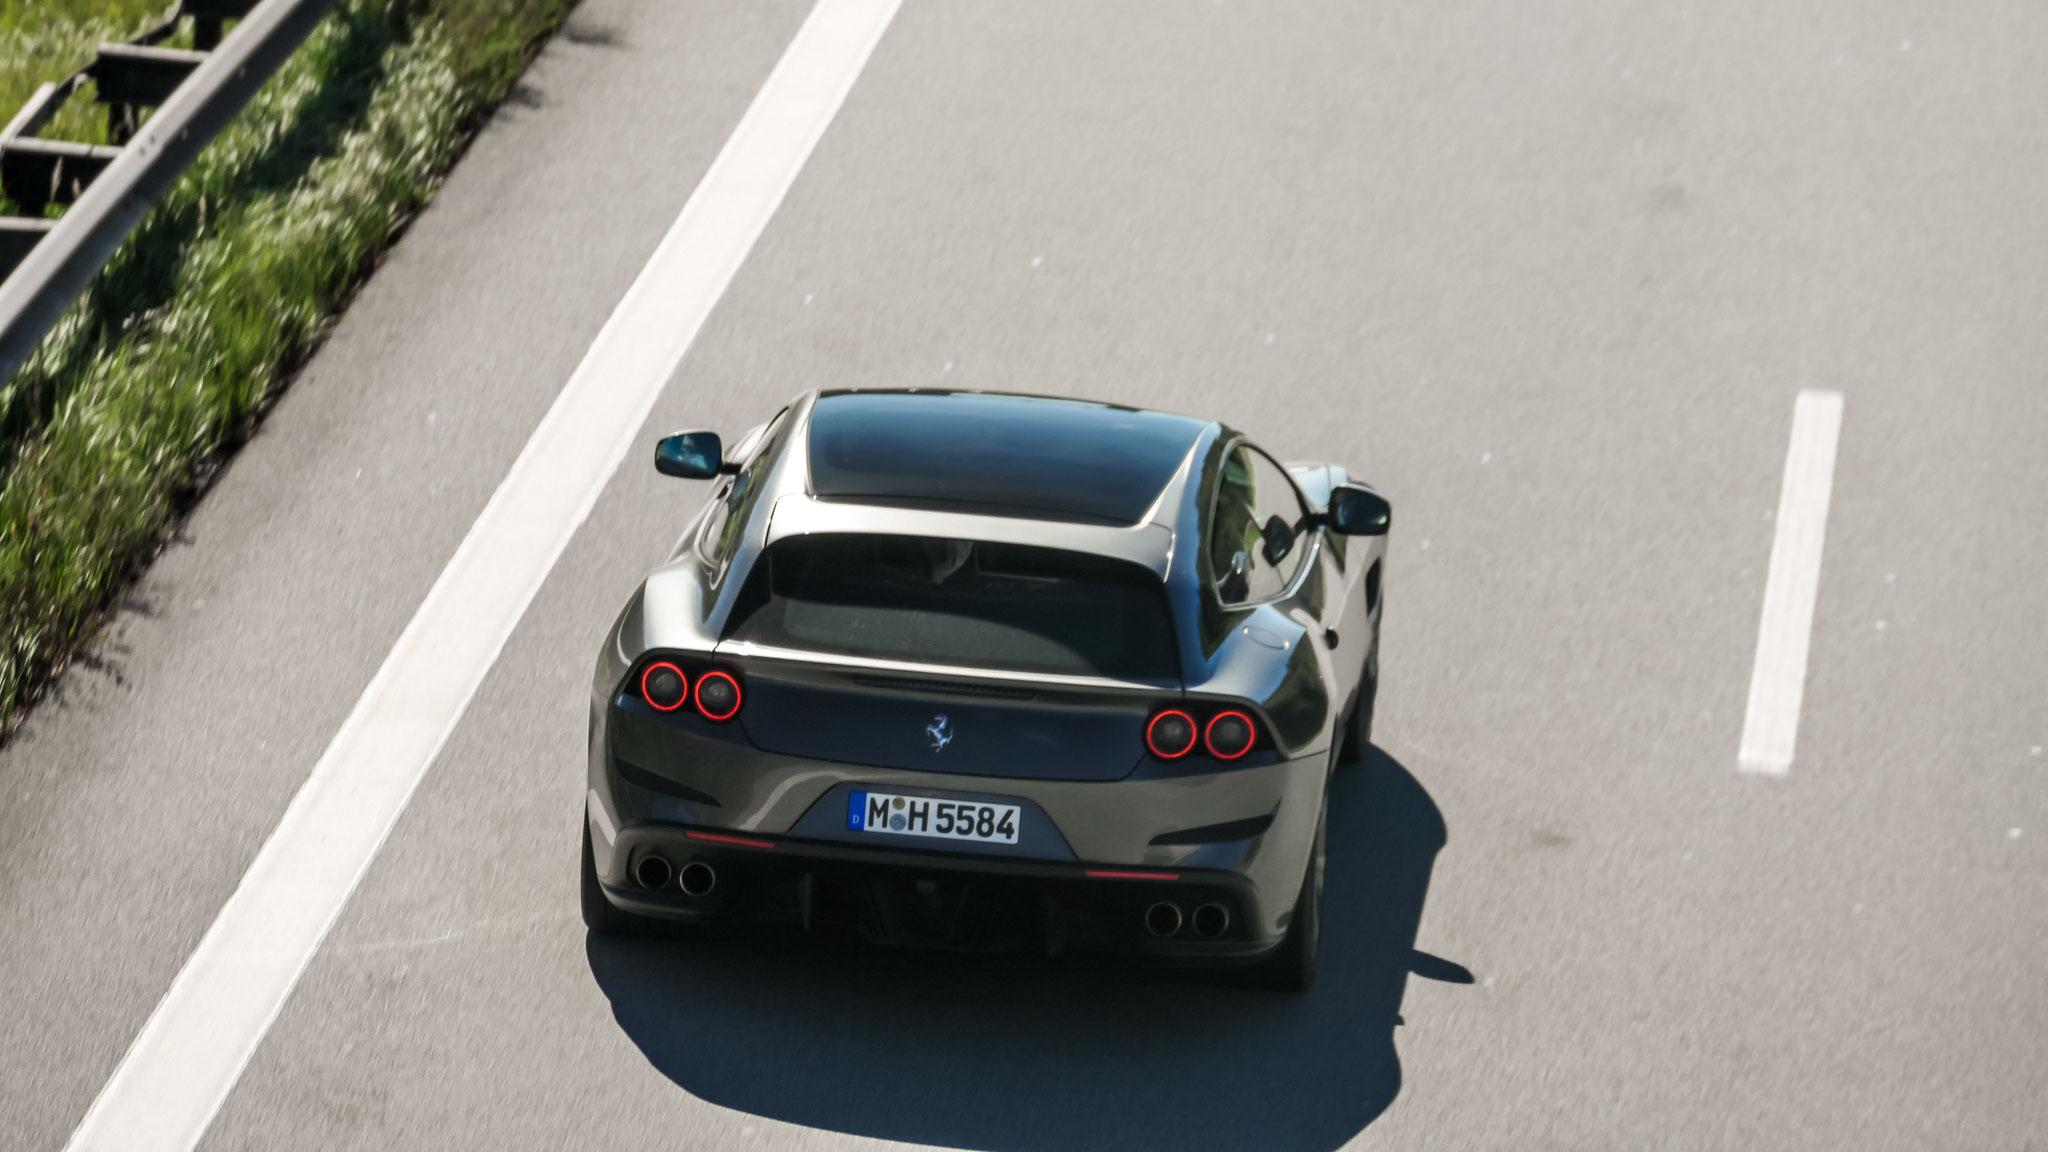 Ferrari GTC4 Lusso - M-H-5584